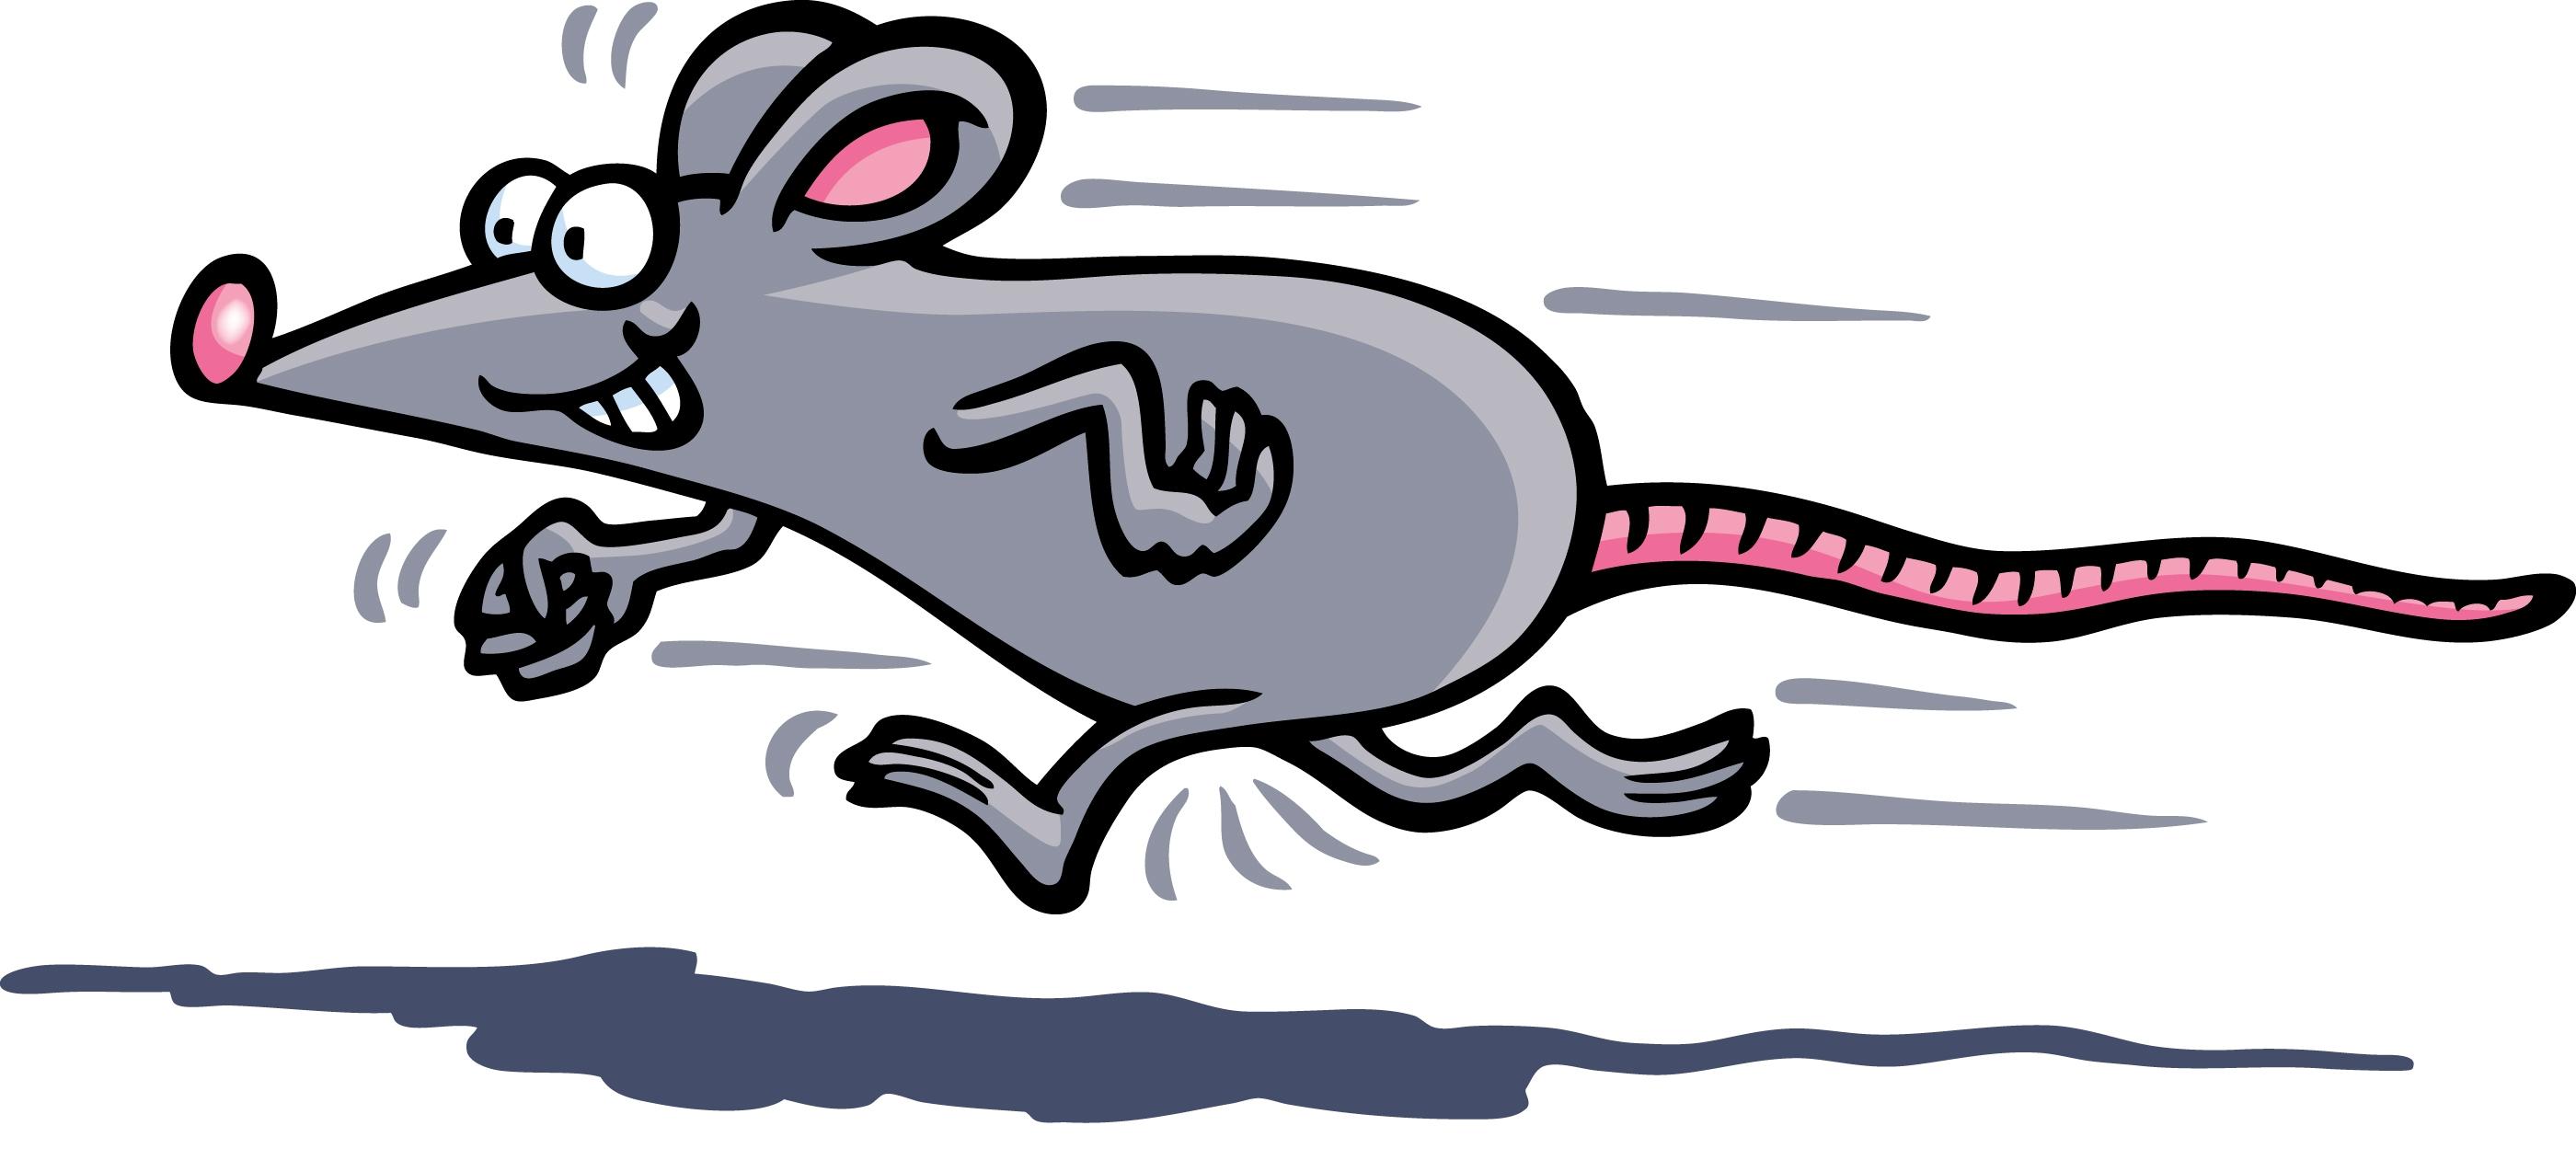 2800x1261 Mouse Race Cliparts